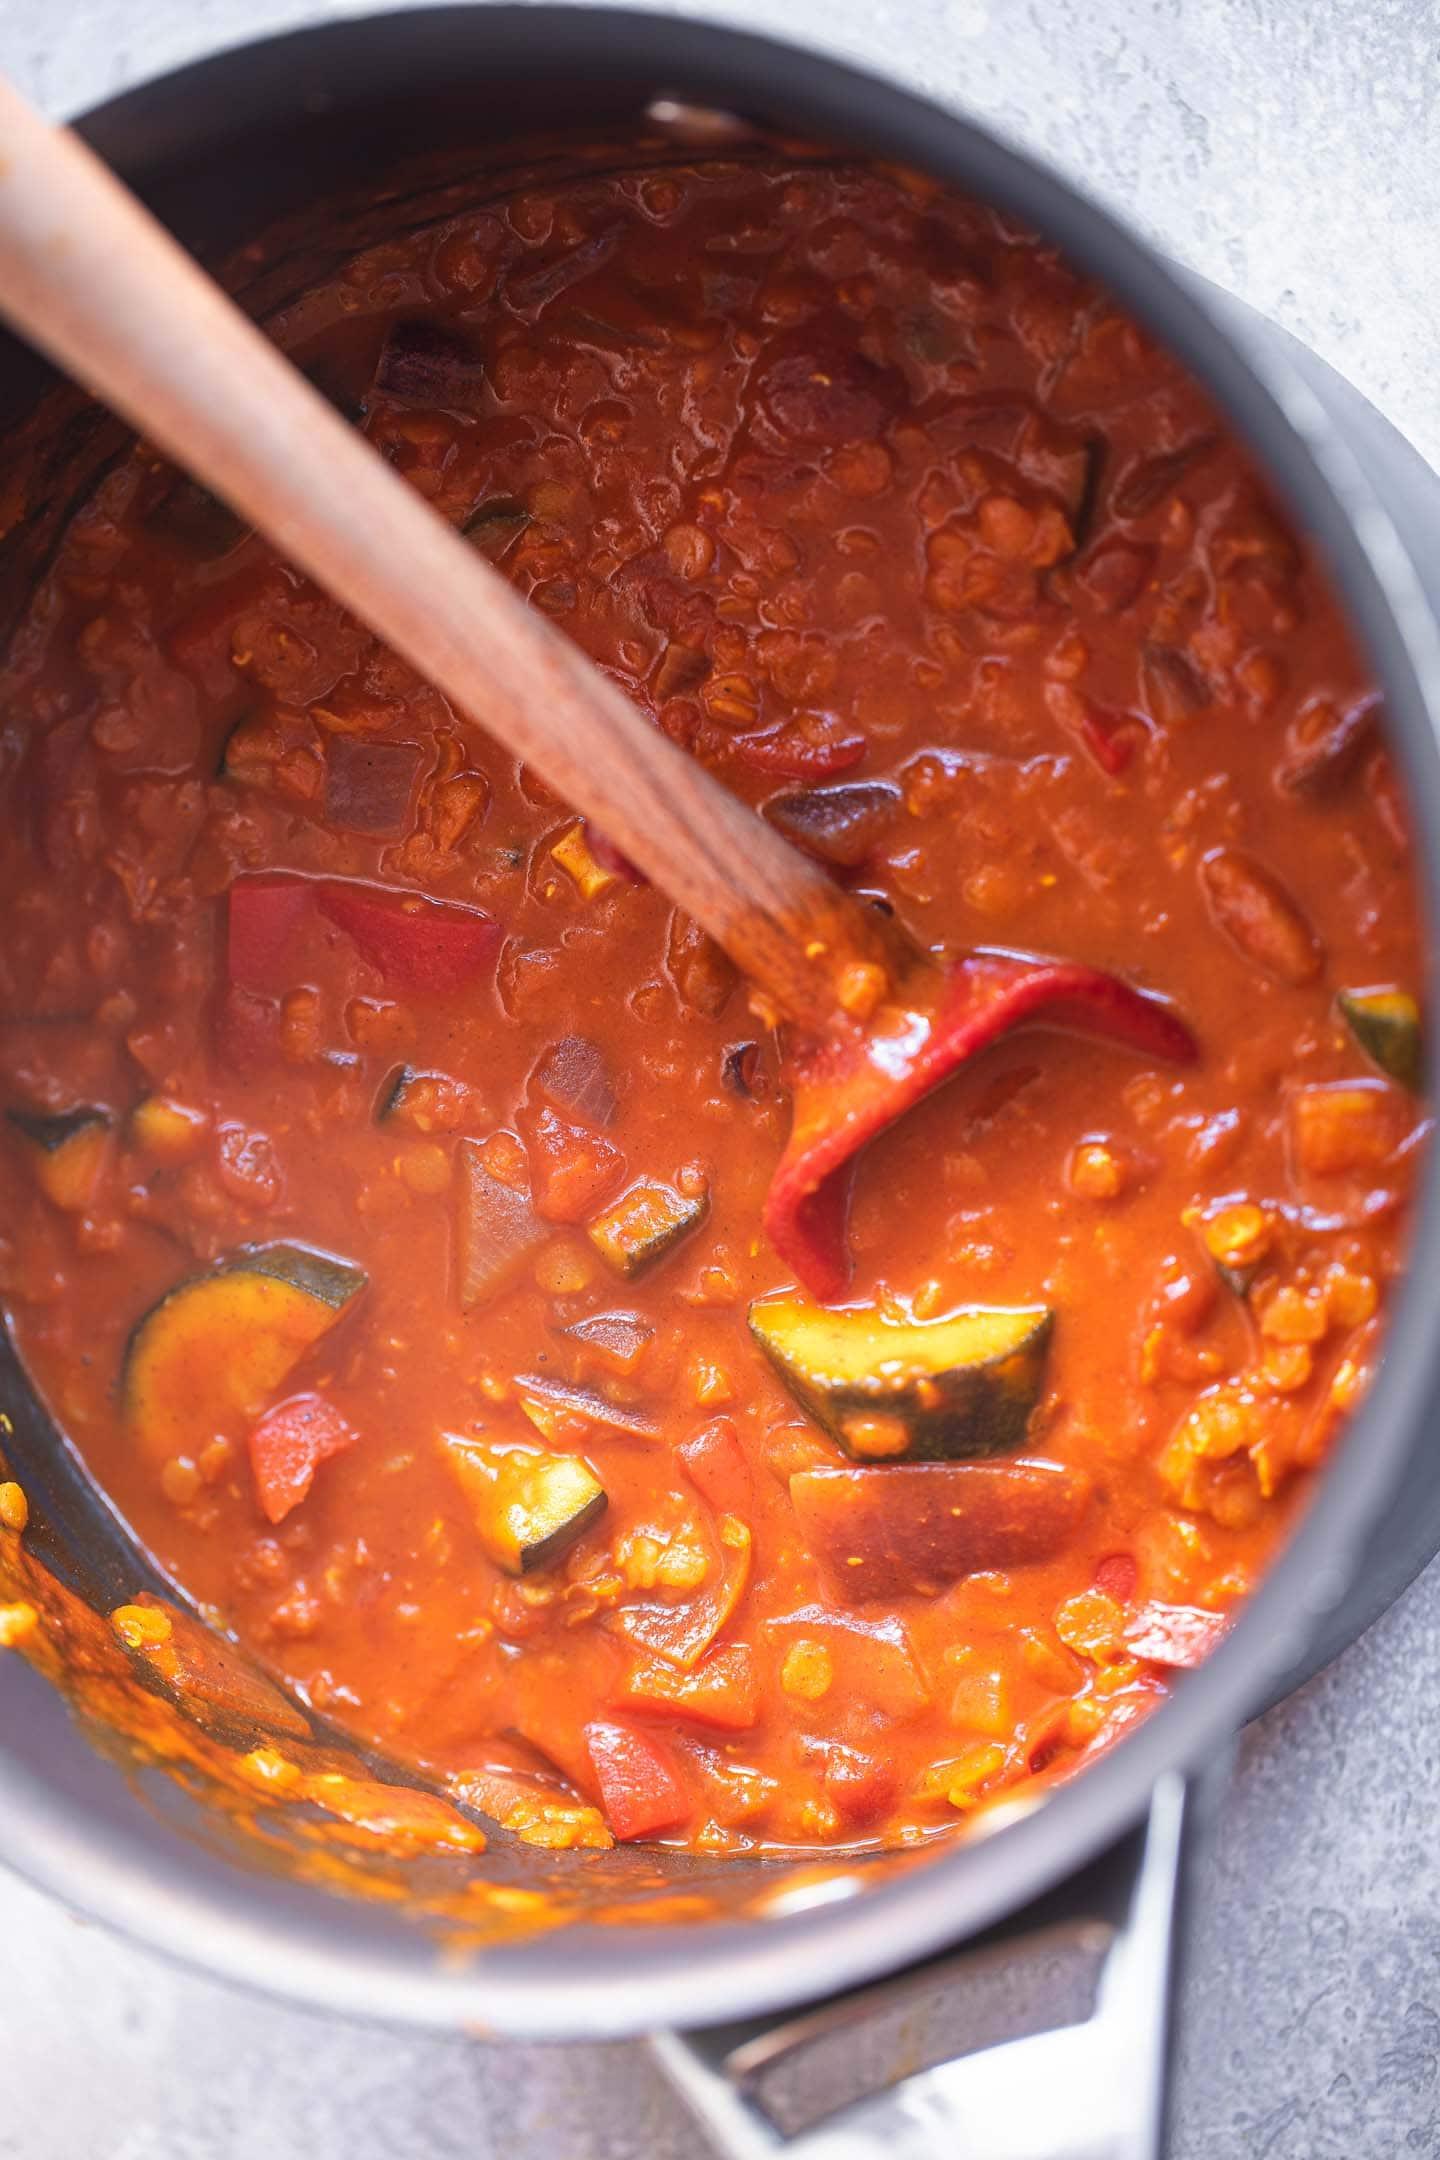 Vegan Dahl in a pan